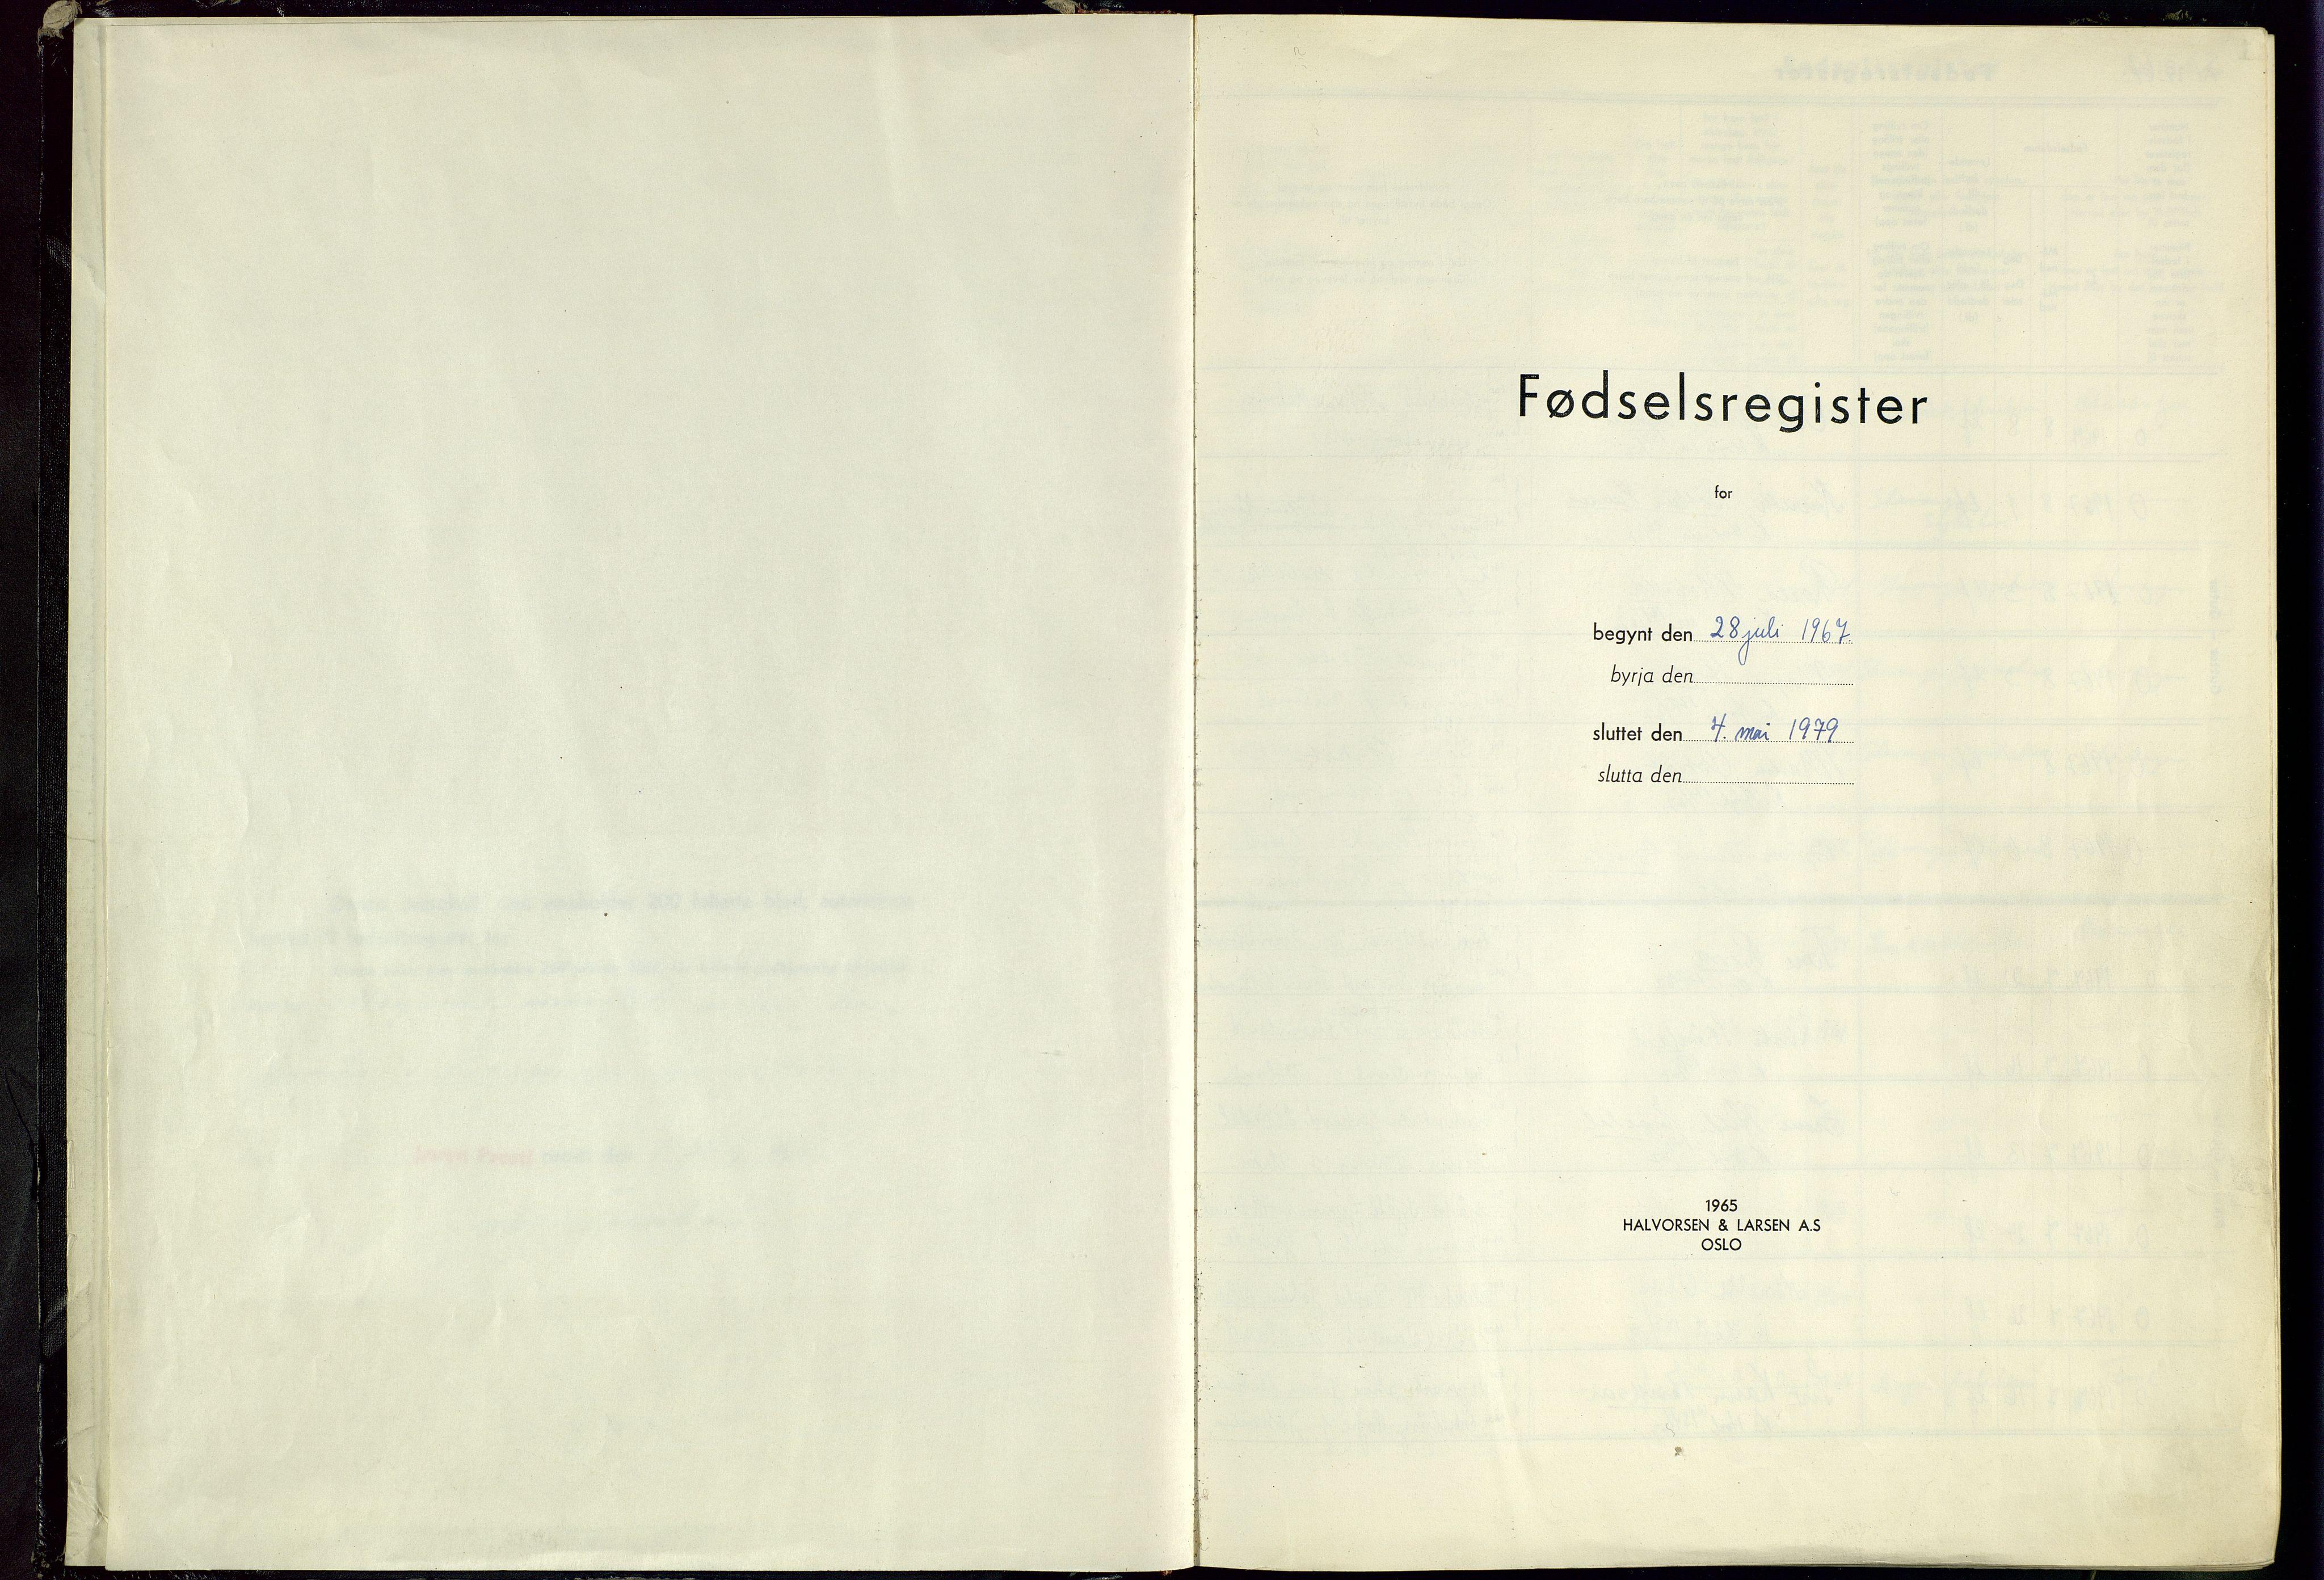 SAST, Høyland sokneprestkontor, O/L0009: Fødselsregister nr. 9, 1967-1979